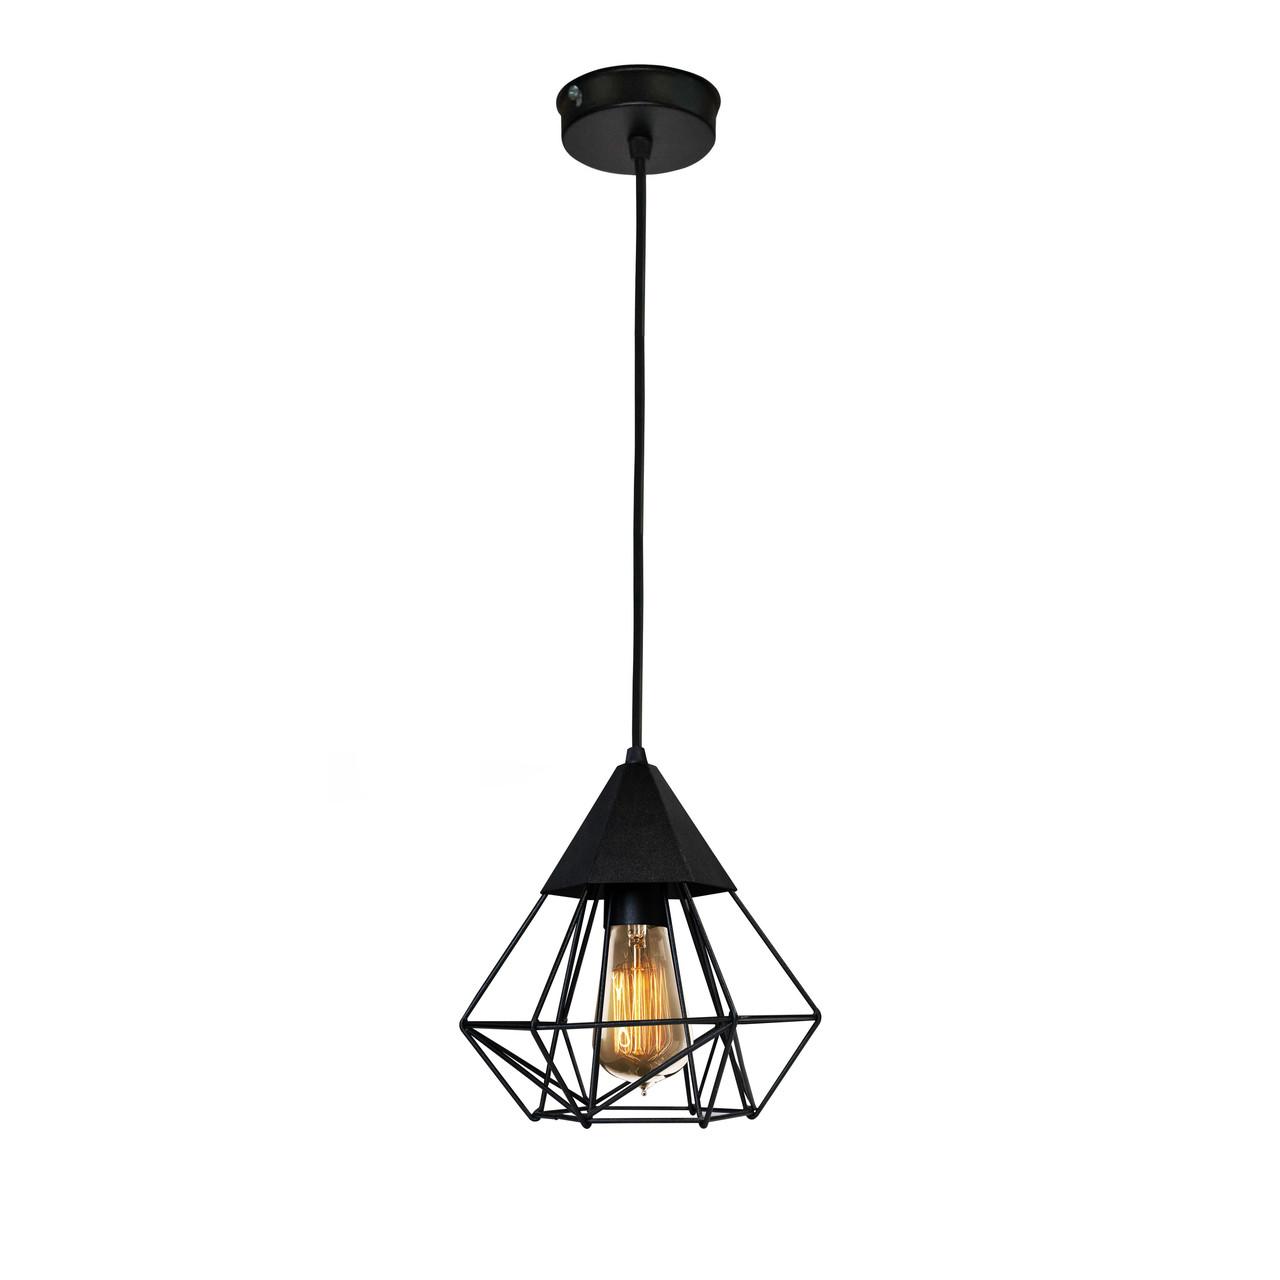 Светильник подвесной в стиле лофт MSK Electric NL 0535